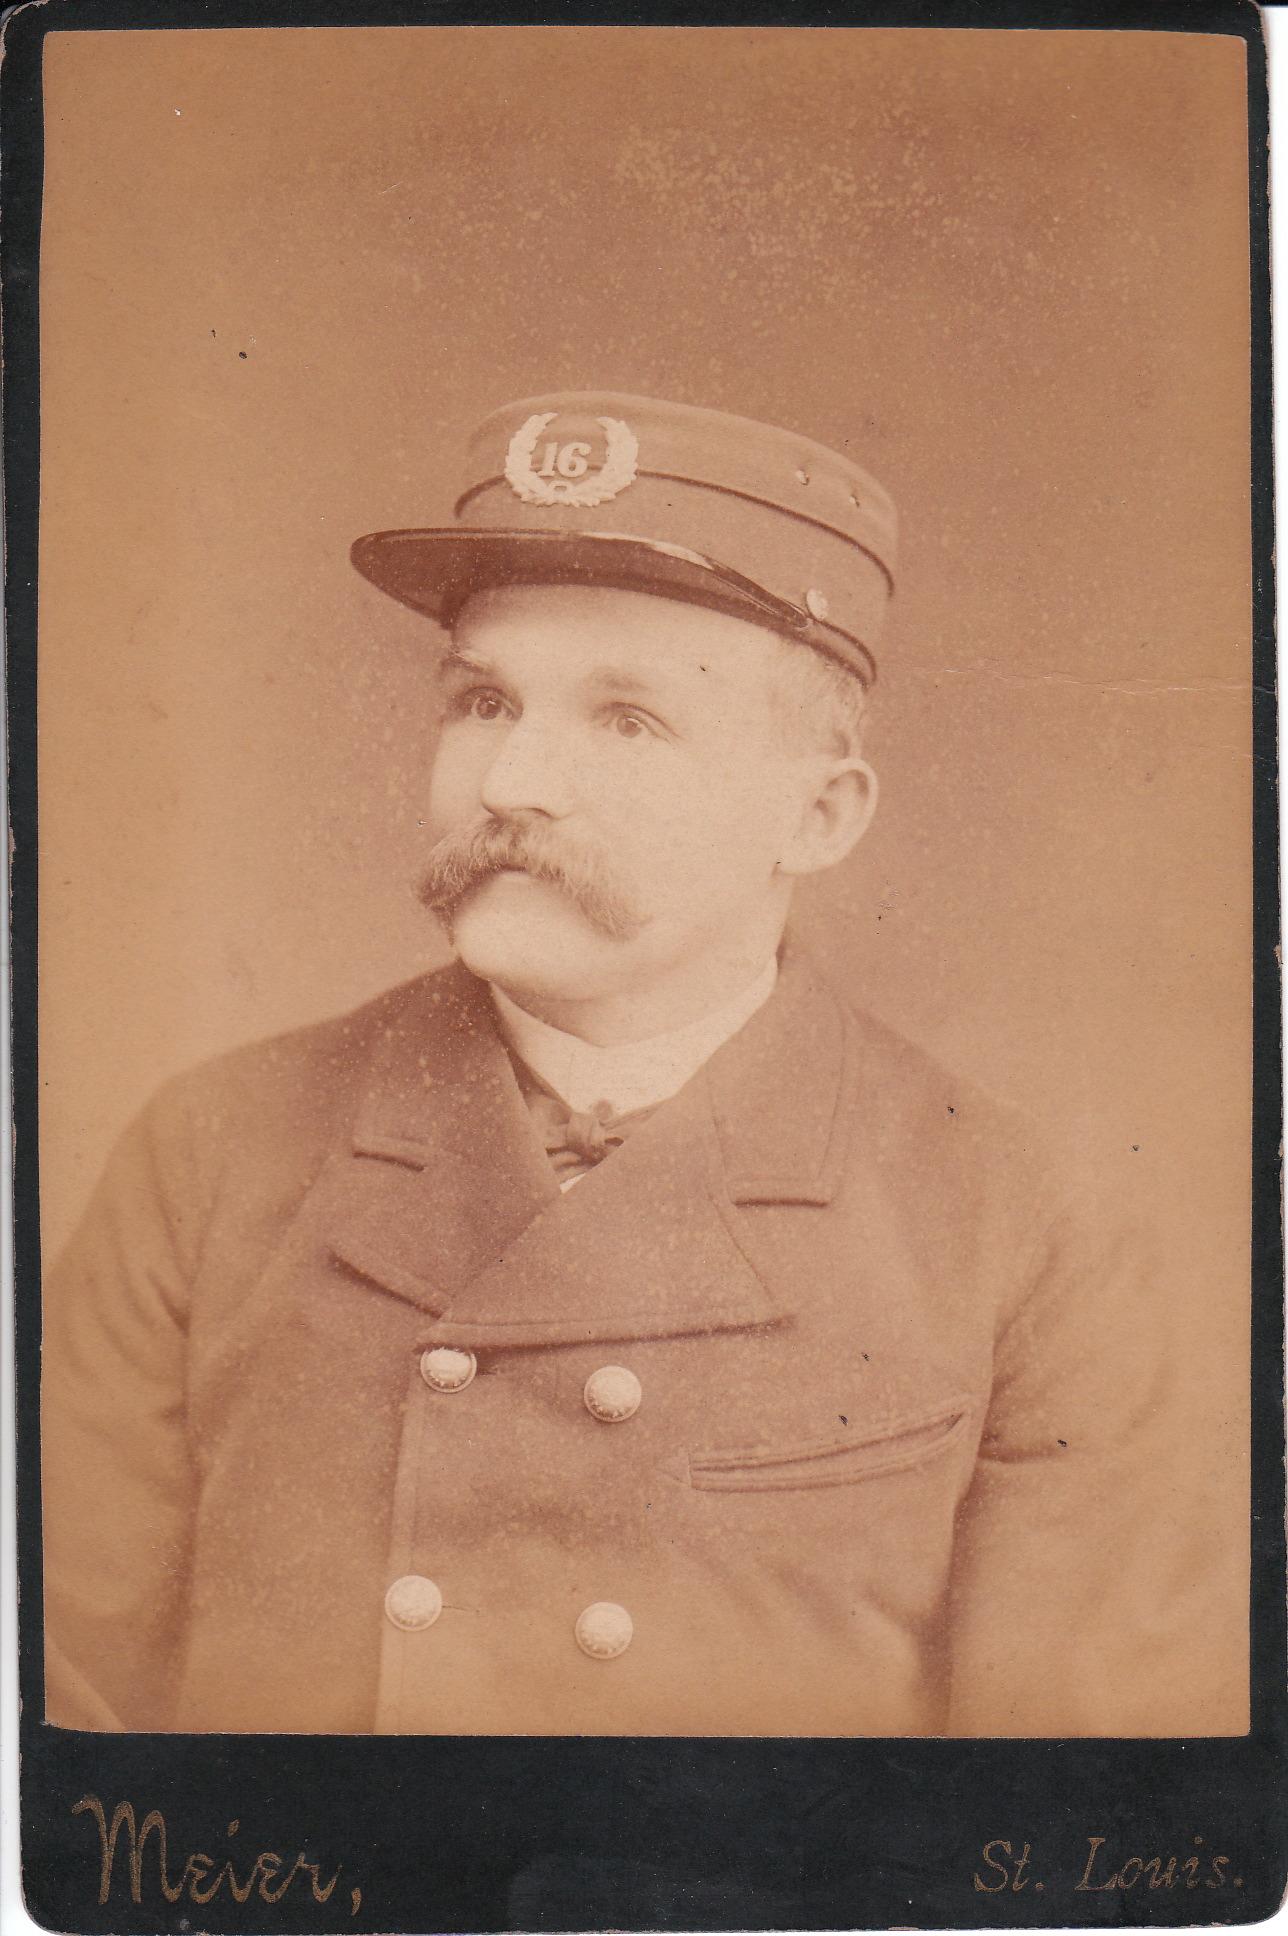 fireman-st-louis